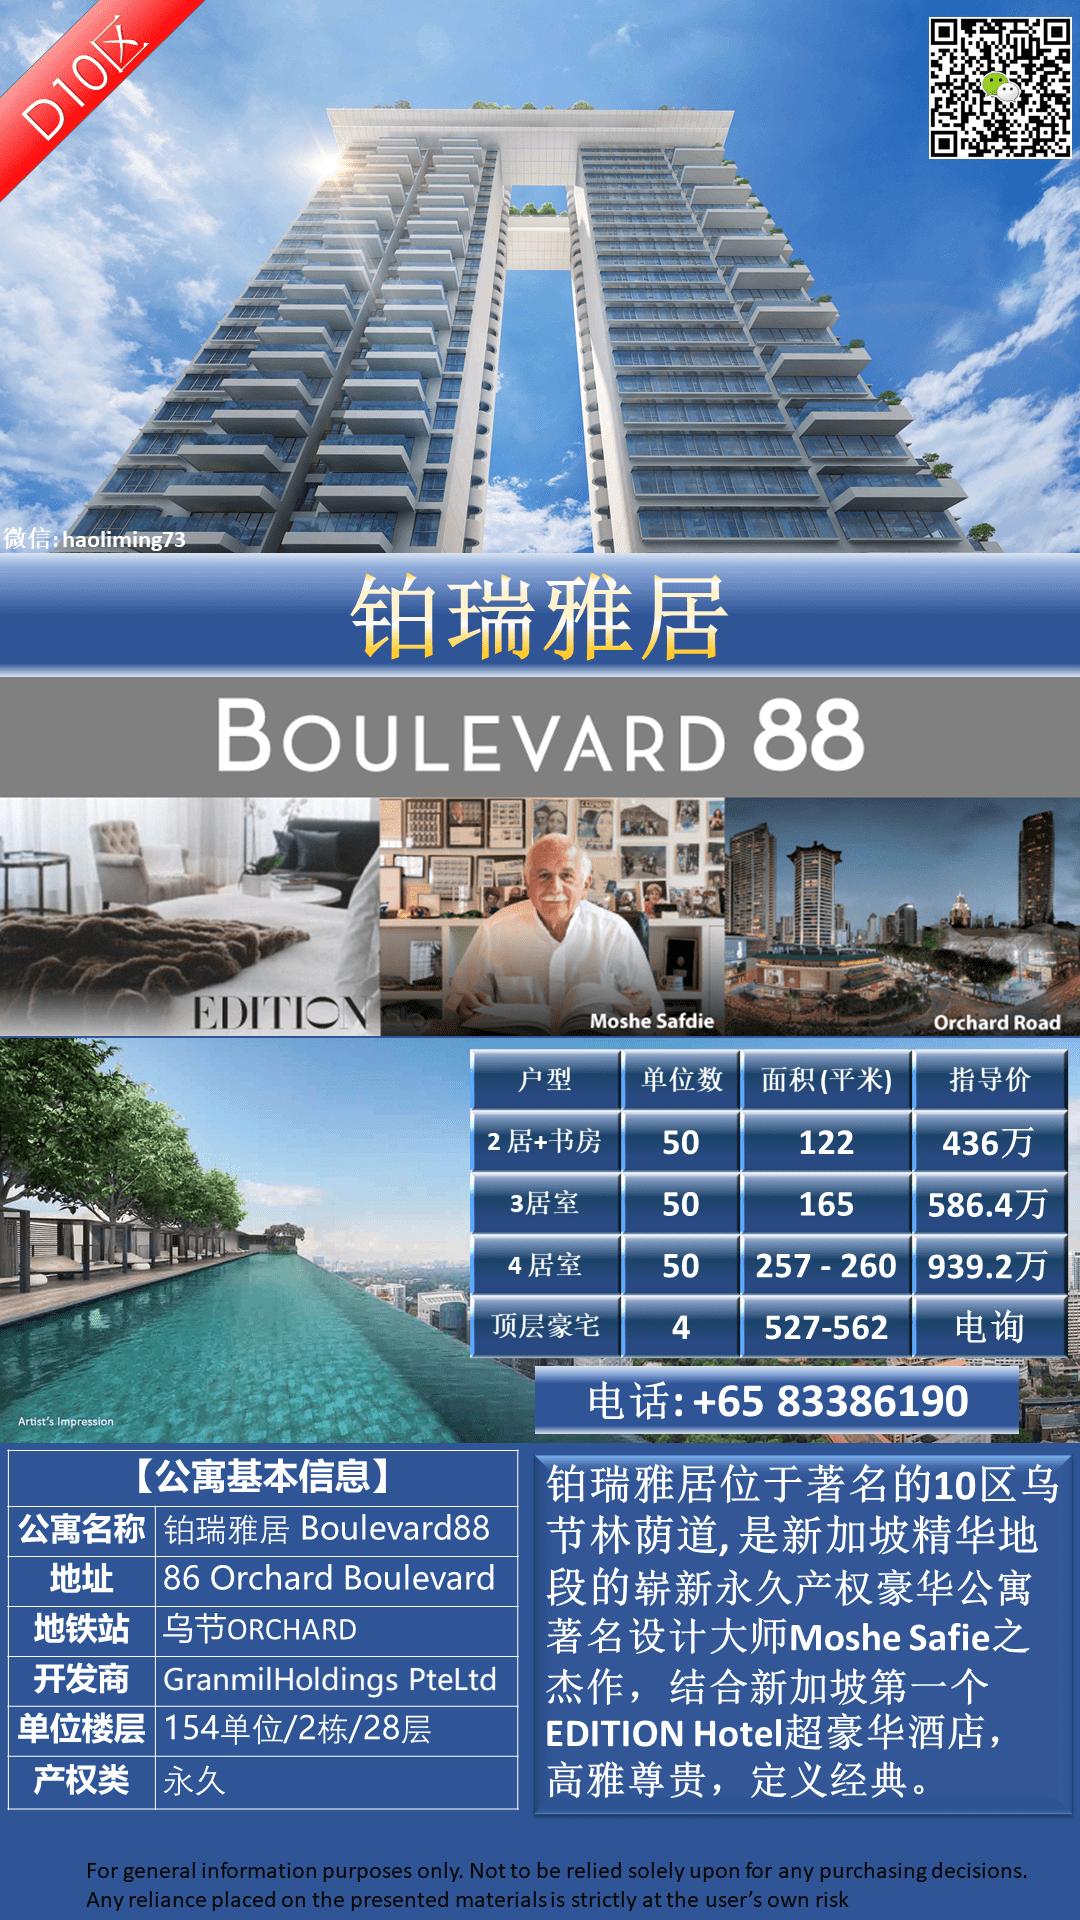 铂瑞雅居 Boulevard88 乌节崭新永久产权豪华公寓 (3)立明  65 83386190.PNG